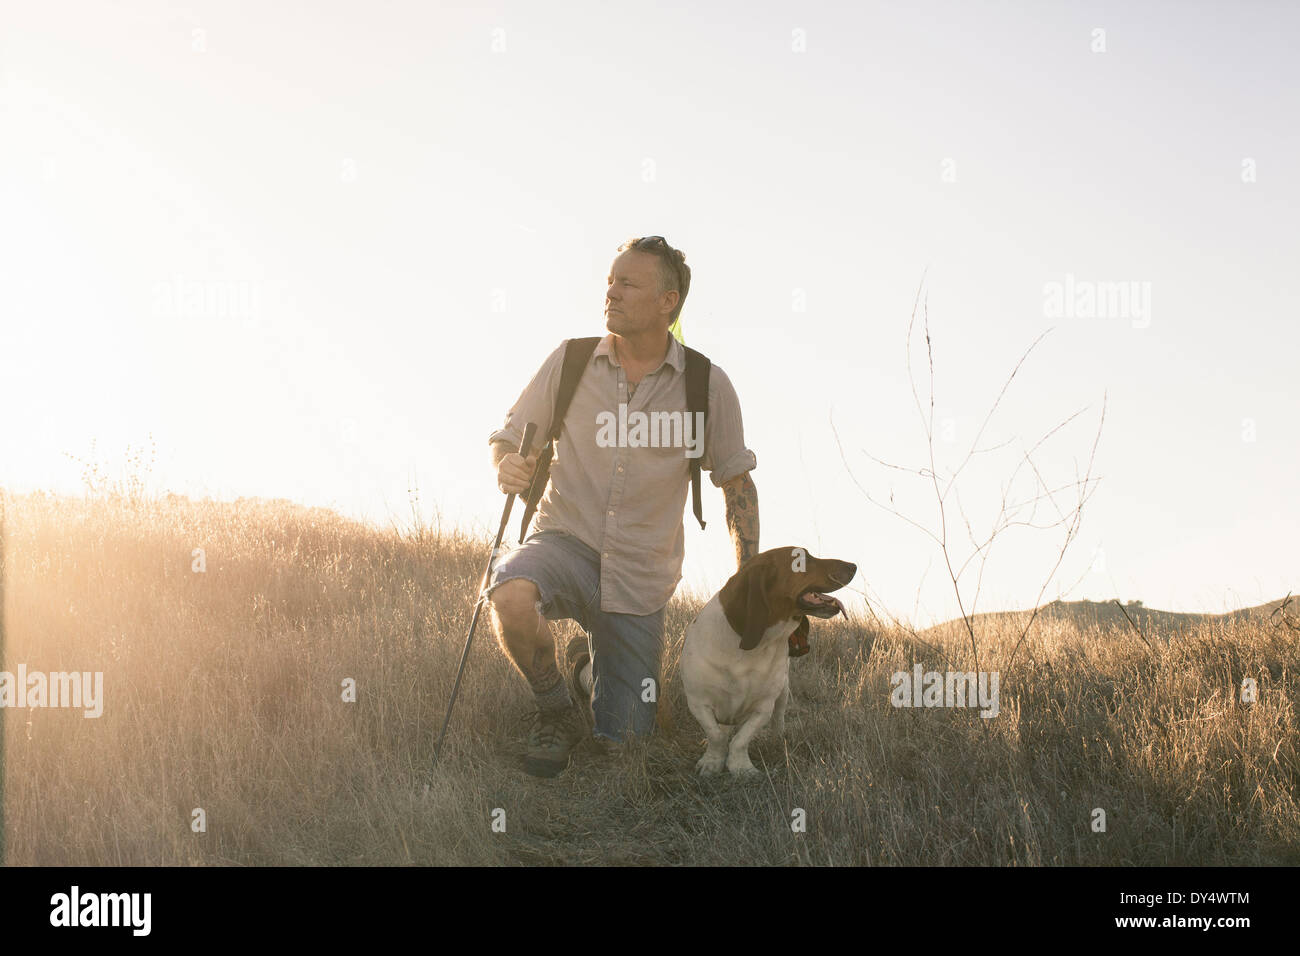 Hombre maduro y su Basset Hound tomando un descanso de senderismo en las montañas de Santa Mónica, California, EE.UU. Imagen De Stock